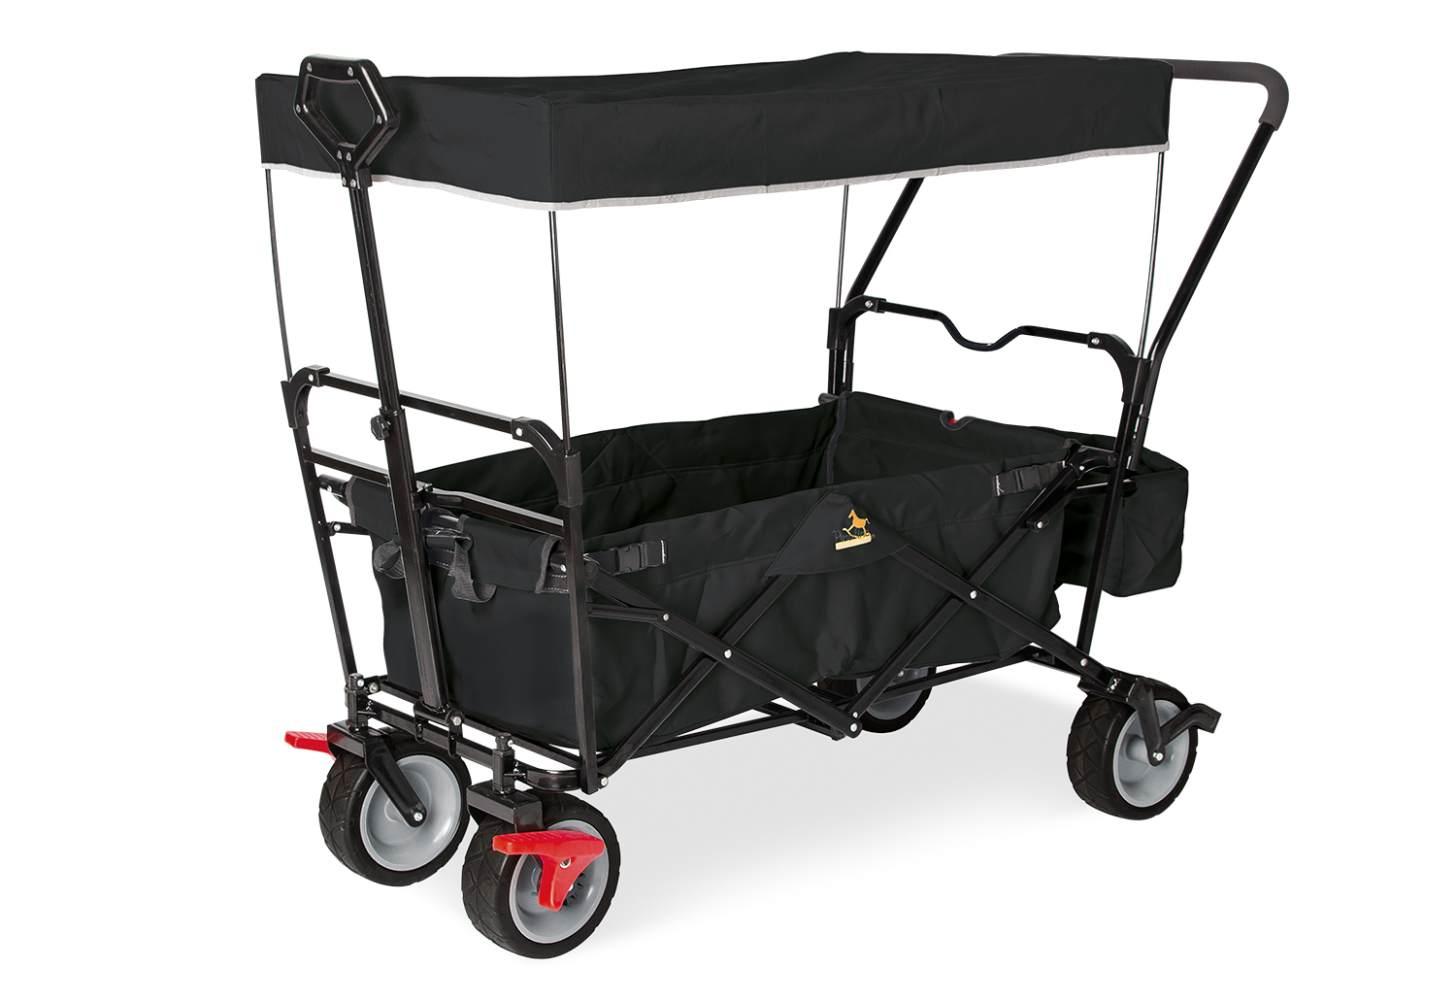 Pinolino 'Paxi dlx Comfort' Klappbollerwagen in Schwarz, inkl. Feststellbremse, Sonnendach, Hecktasche und Schiebegriff Bild 1